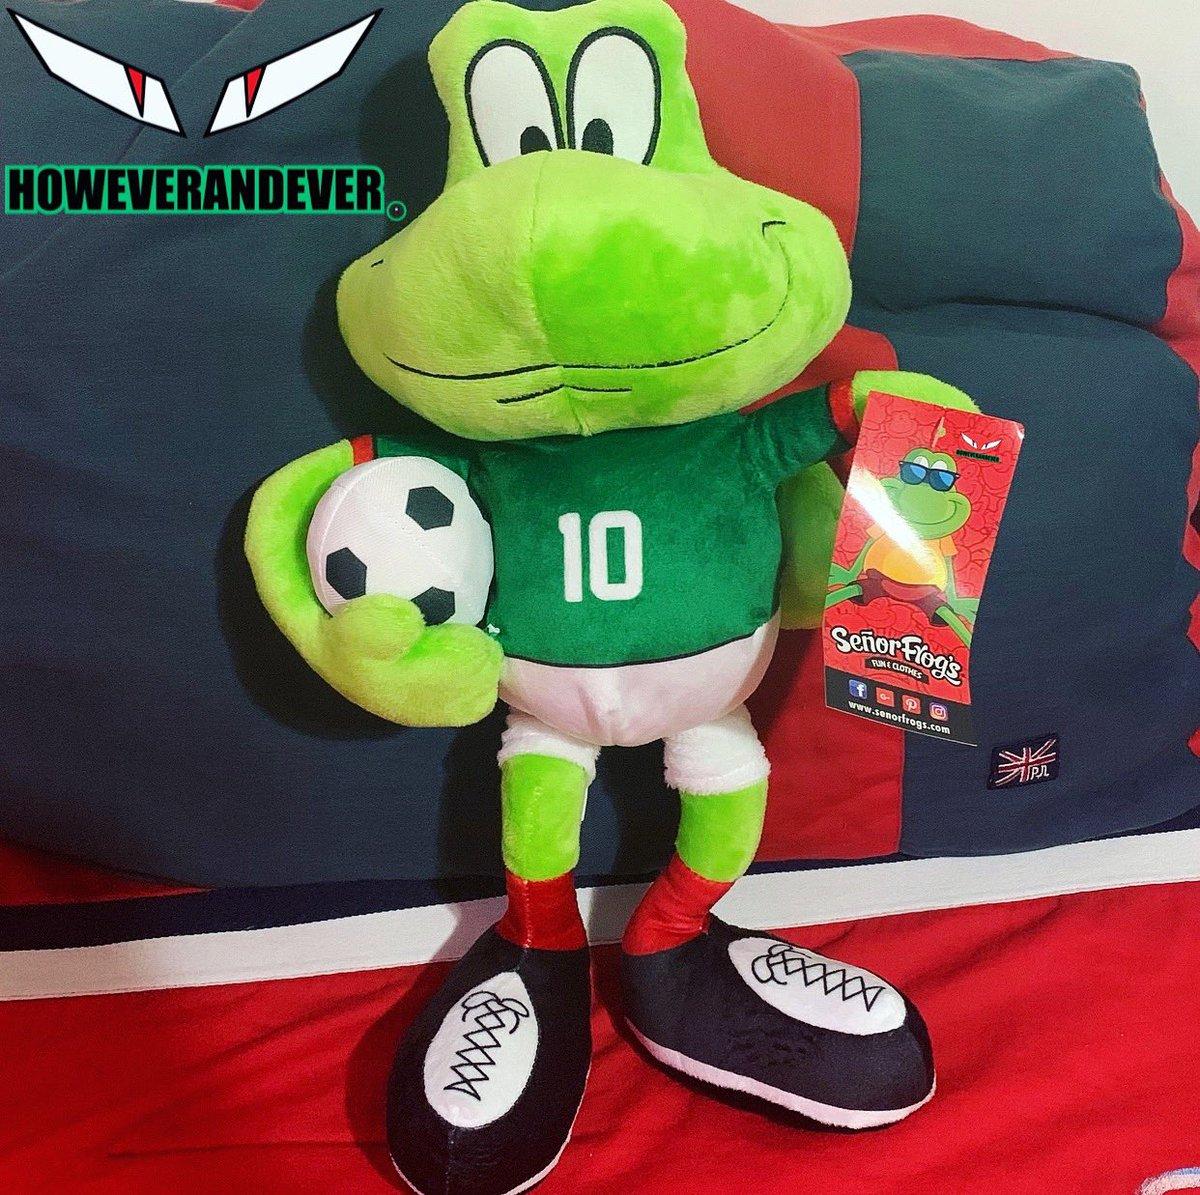 EL SEÑOR FROGS🐸 ES UN CAMPEÓN COMO MÉXICO EN LA COPA ORO 🇲🇽🏆⚽️!!!! #crew # #señorfrogs #srfrogs #copaoro #copaoro2019 #style #mexico #ilovemexico #football #frogs #champion #goodday #influencer #howeverandever #youtuber #followbacknow #likeforlikes #socialnetworks